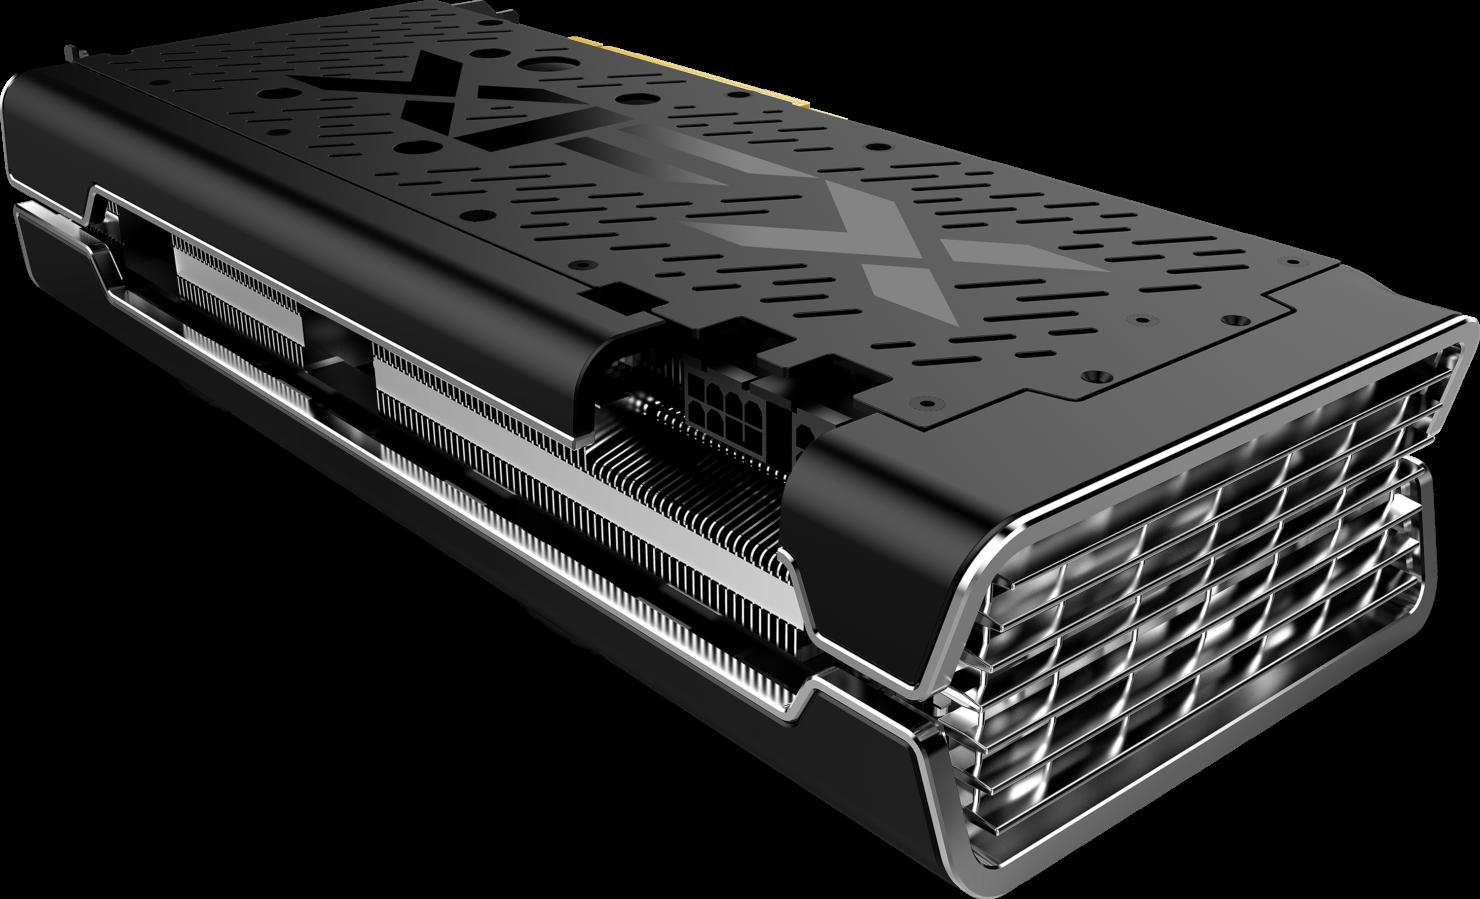 XFX Radeon RX 5700 XT THICC II ufficiale: fino a 1905MHz e design innovativo 4